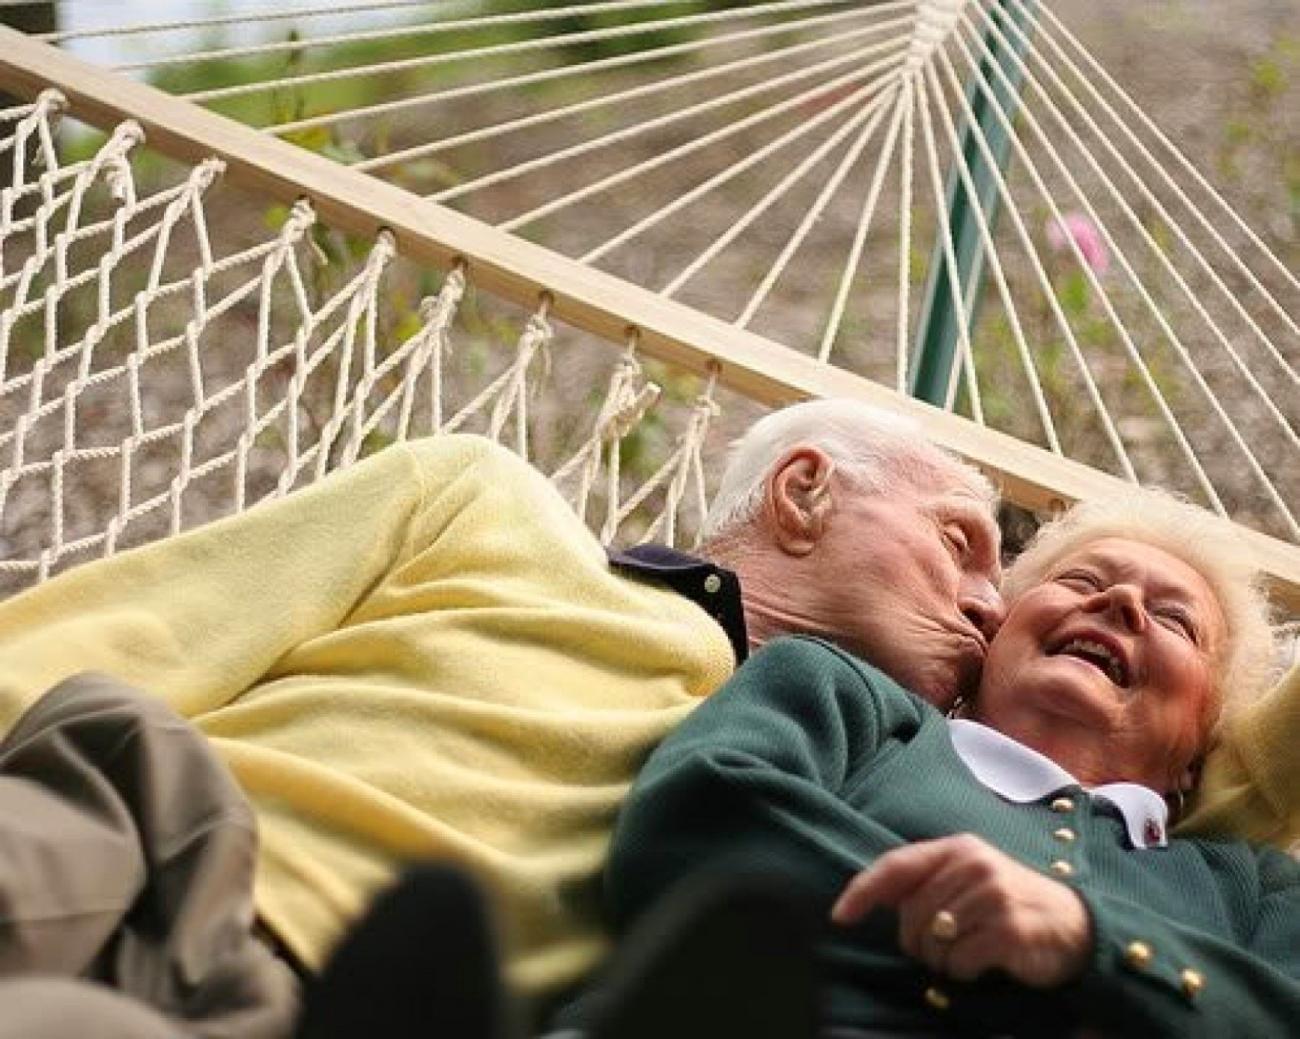 Средняя длительность жизни мужчин вАвстралии может превысить 80 лет